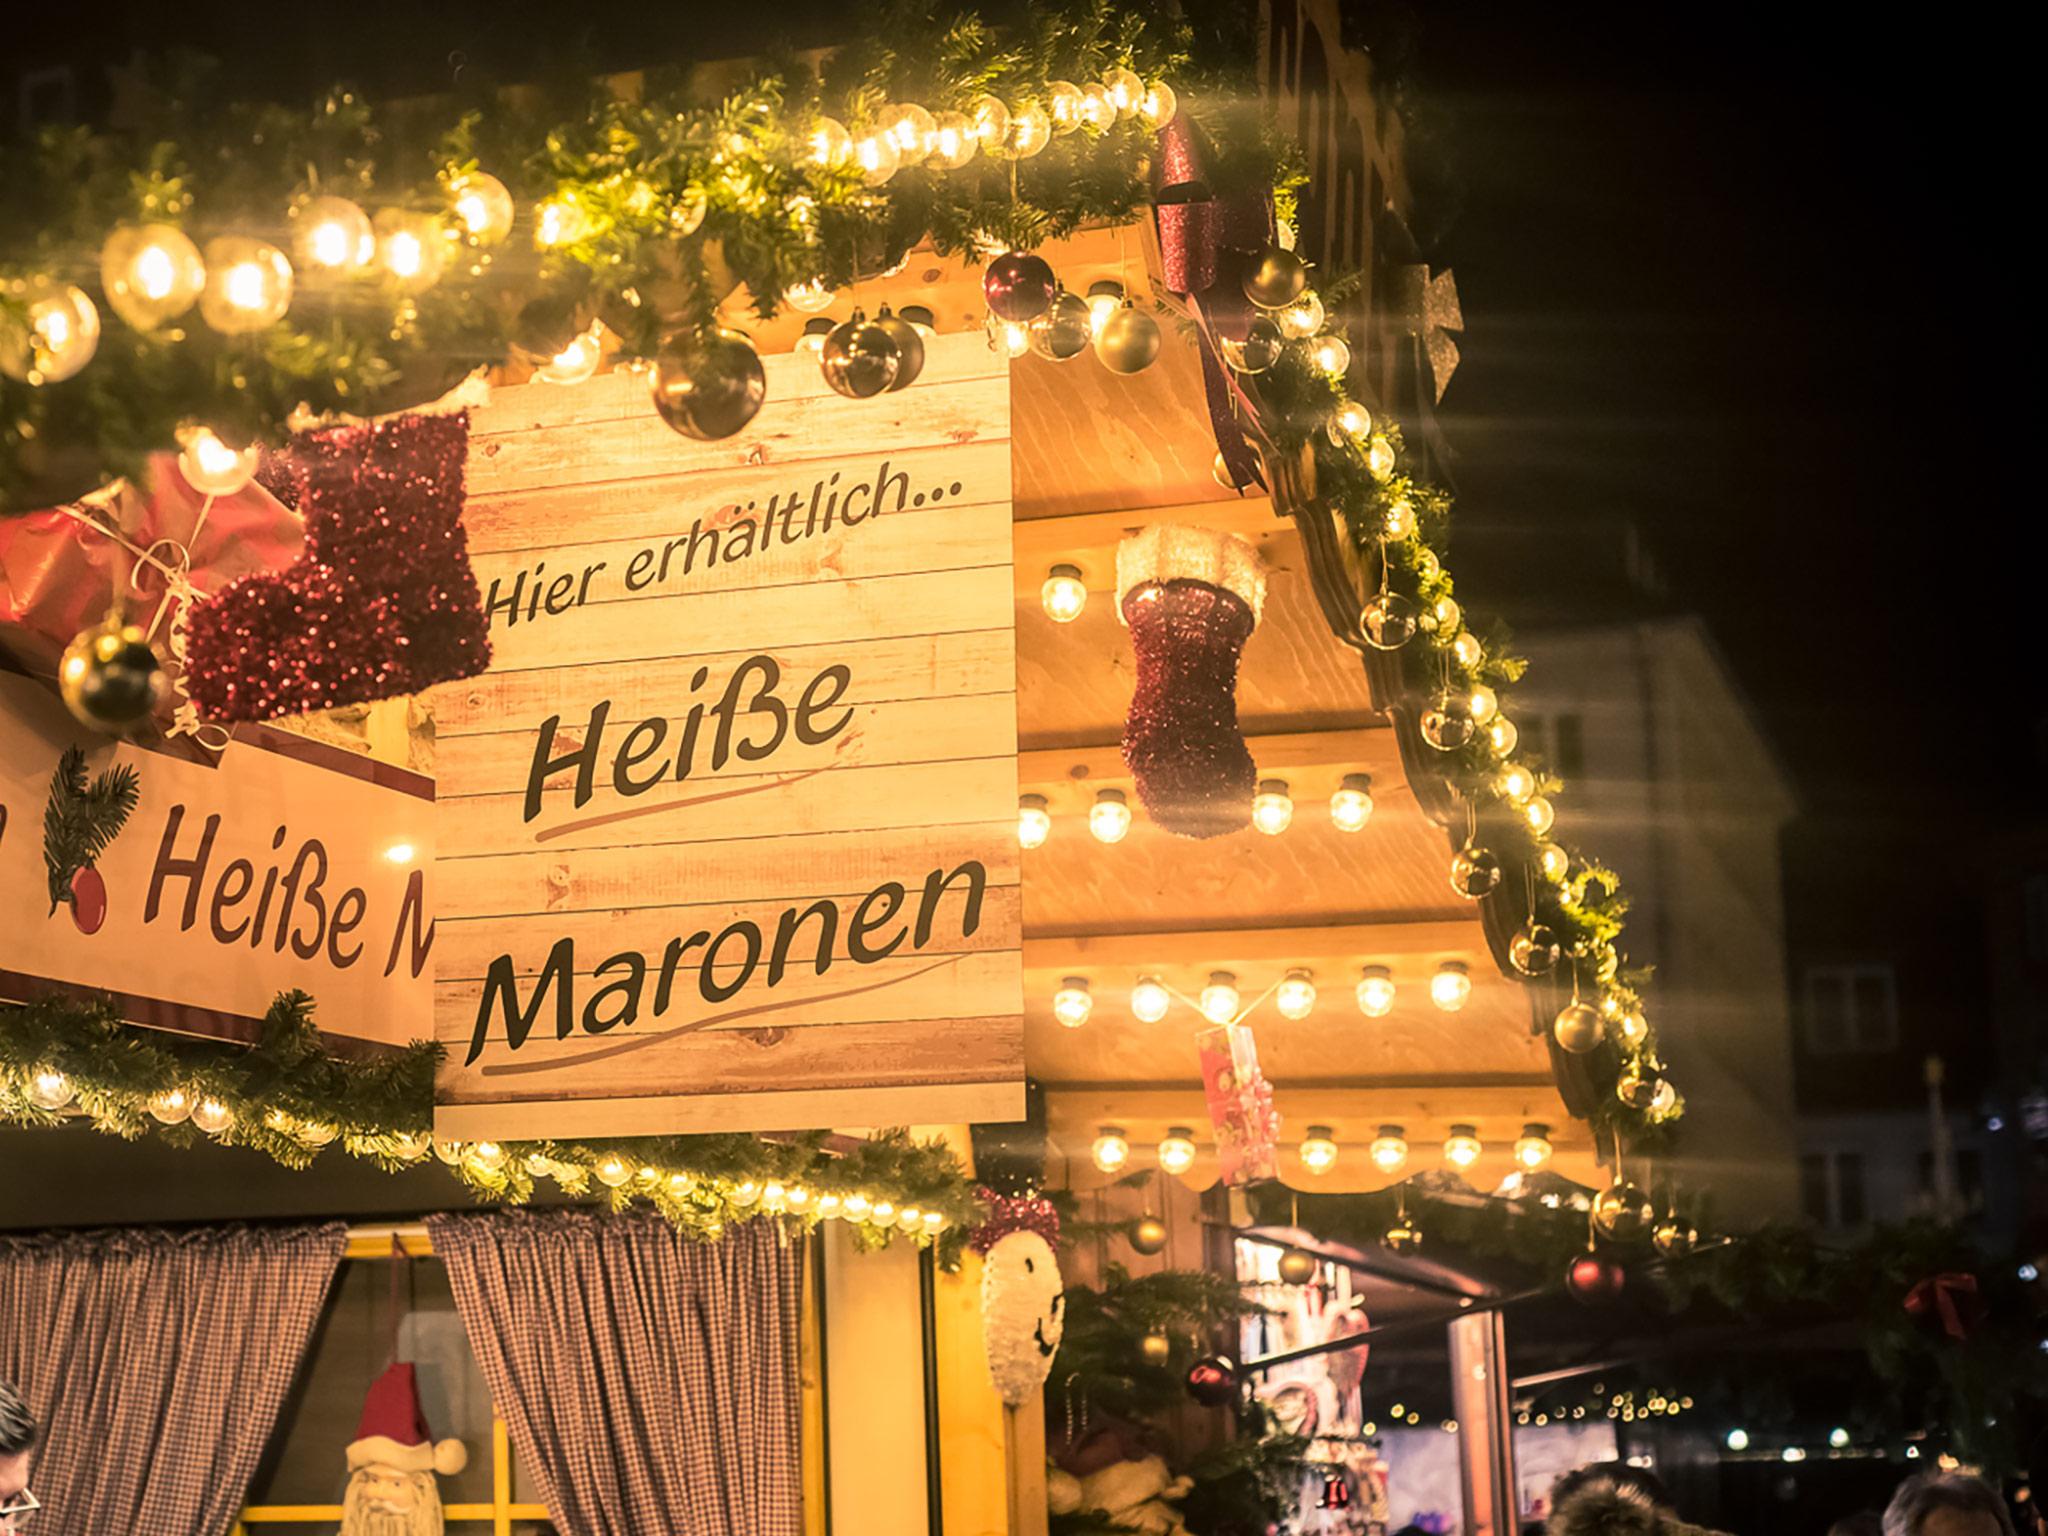 Heiße Maronen auf dem Weihnachtsmarkt. Foto: Pascal Höfig